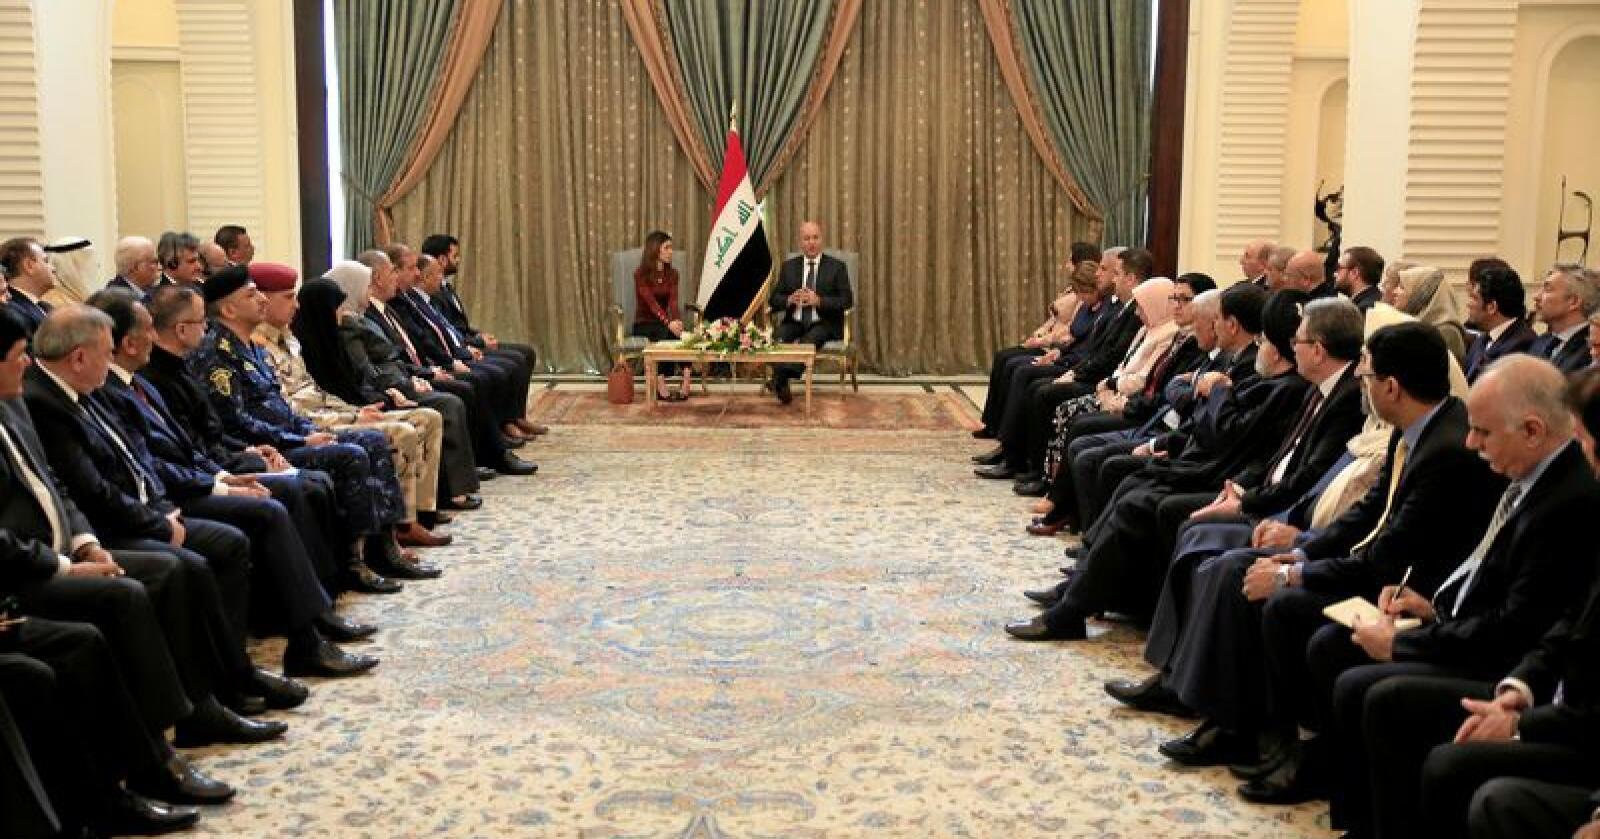 Nobelprisvinner Nadia Murad (til venstre i midten) møtte blant andre Iraks president Barham Salih i Bagdad 12. desember. Foto: Karim Kadim / AP / NTB scanpix